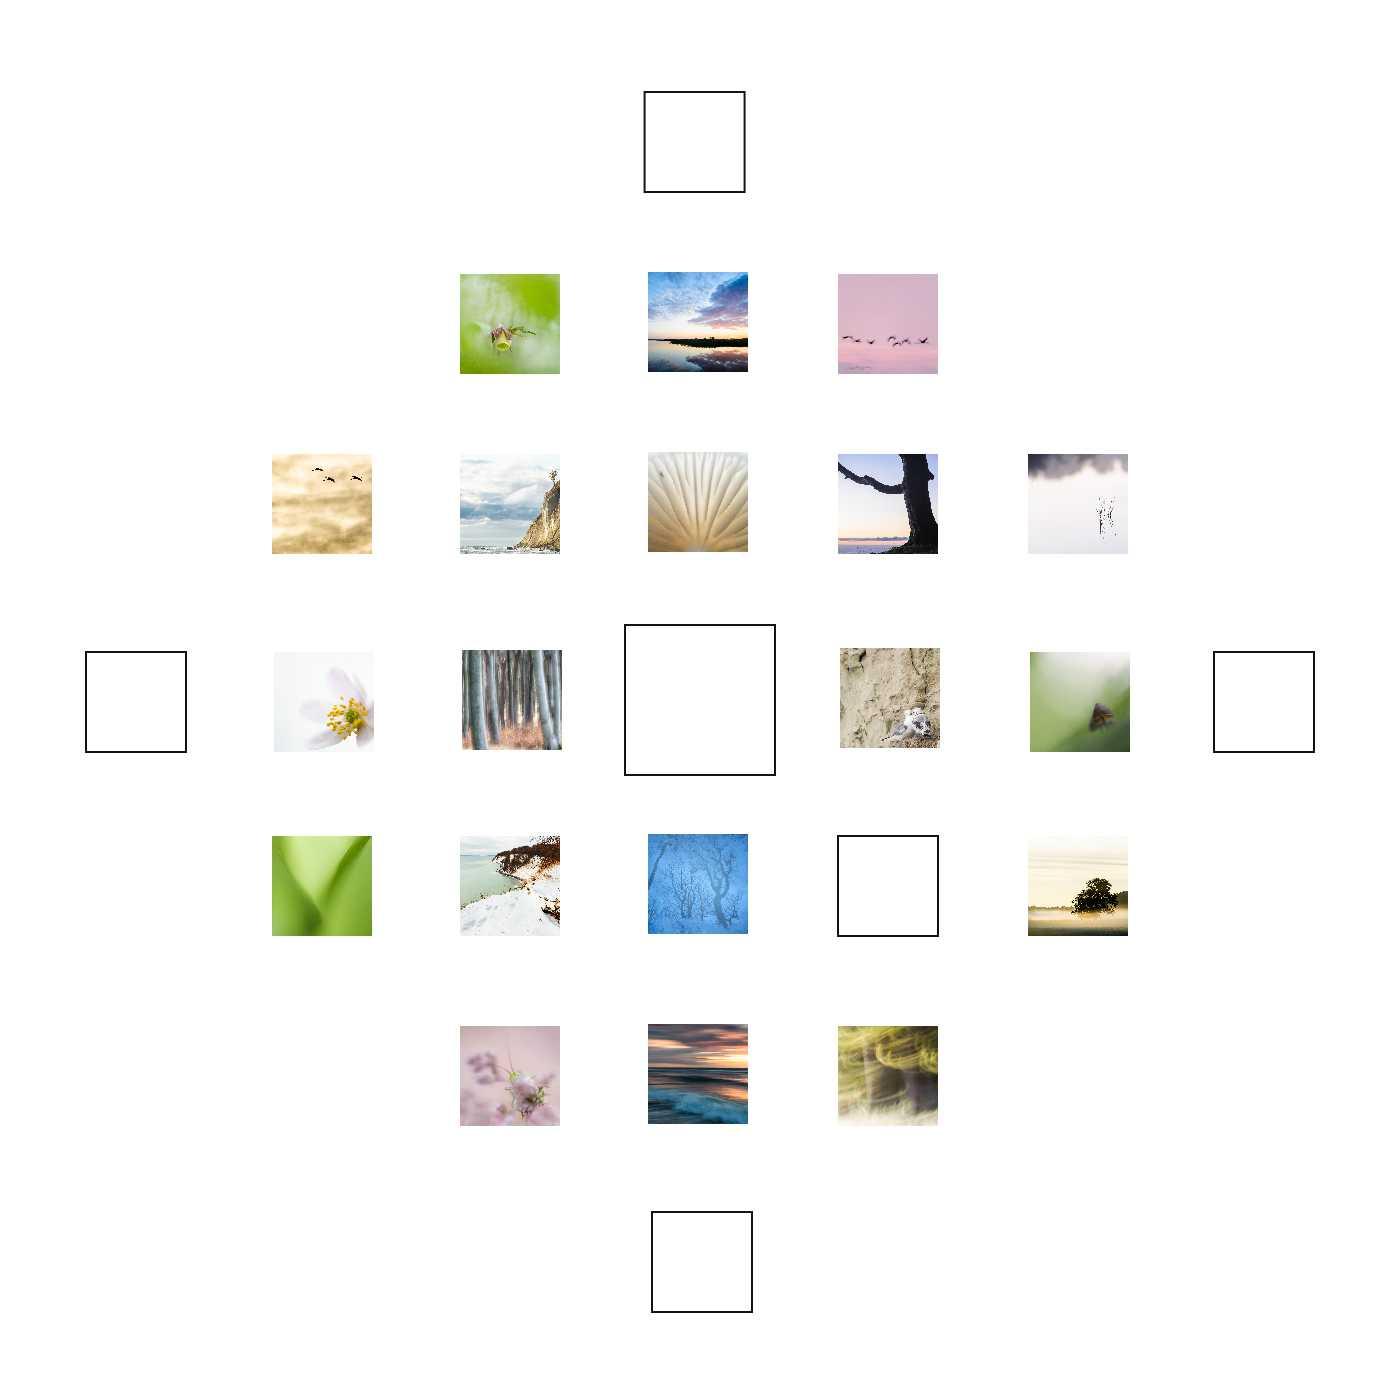 Aussicht ist mein Quadrat zum 18. Dezember. Und wie viele Quadrate auf mdf kaschiert und in 10 x 10 cm / 15 x 15 cm erhältlich.